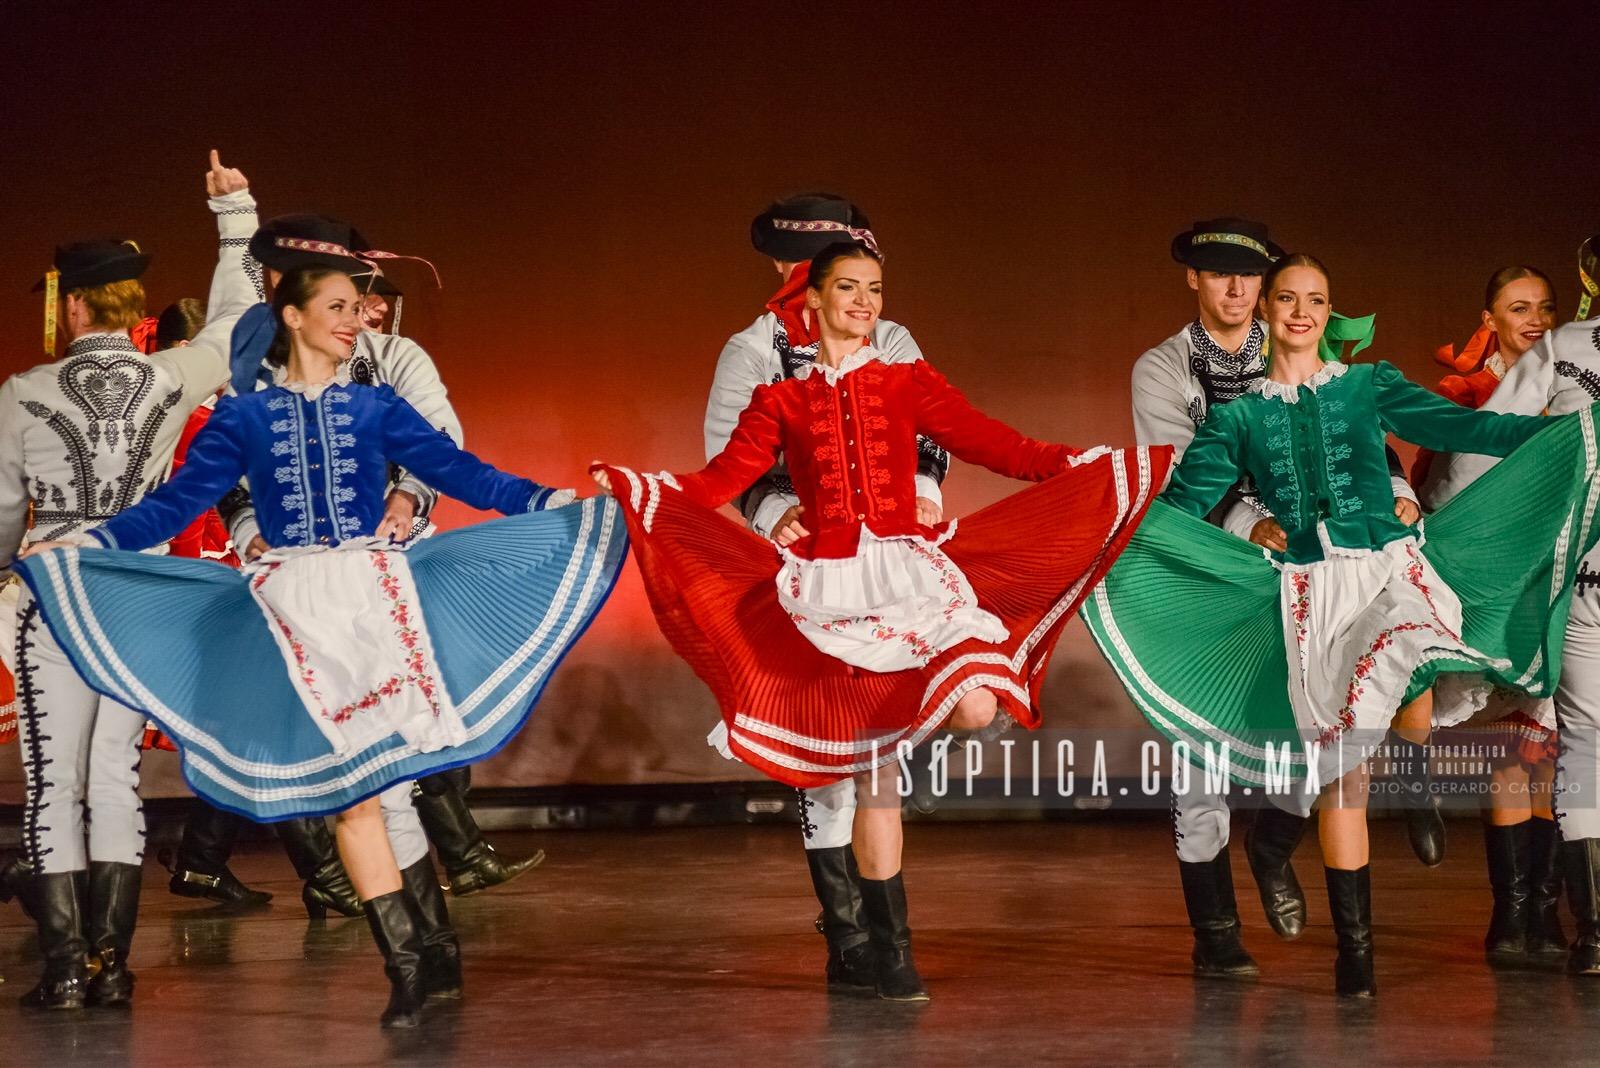 Una noche llena de sincronía y belleza ilumina la Alhóndiga de Granaditas XLV/ Festival Internacional Cervantino. Fotos: Gerardo Castillo / WWW.ISOPTICA.COM.MX